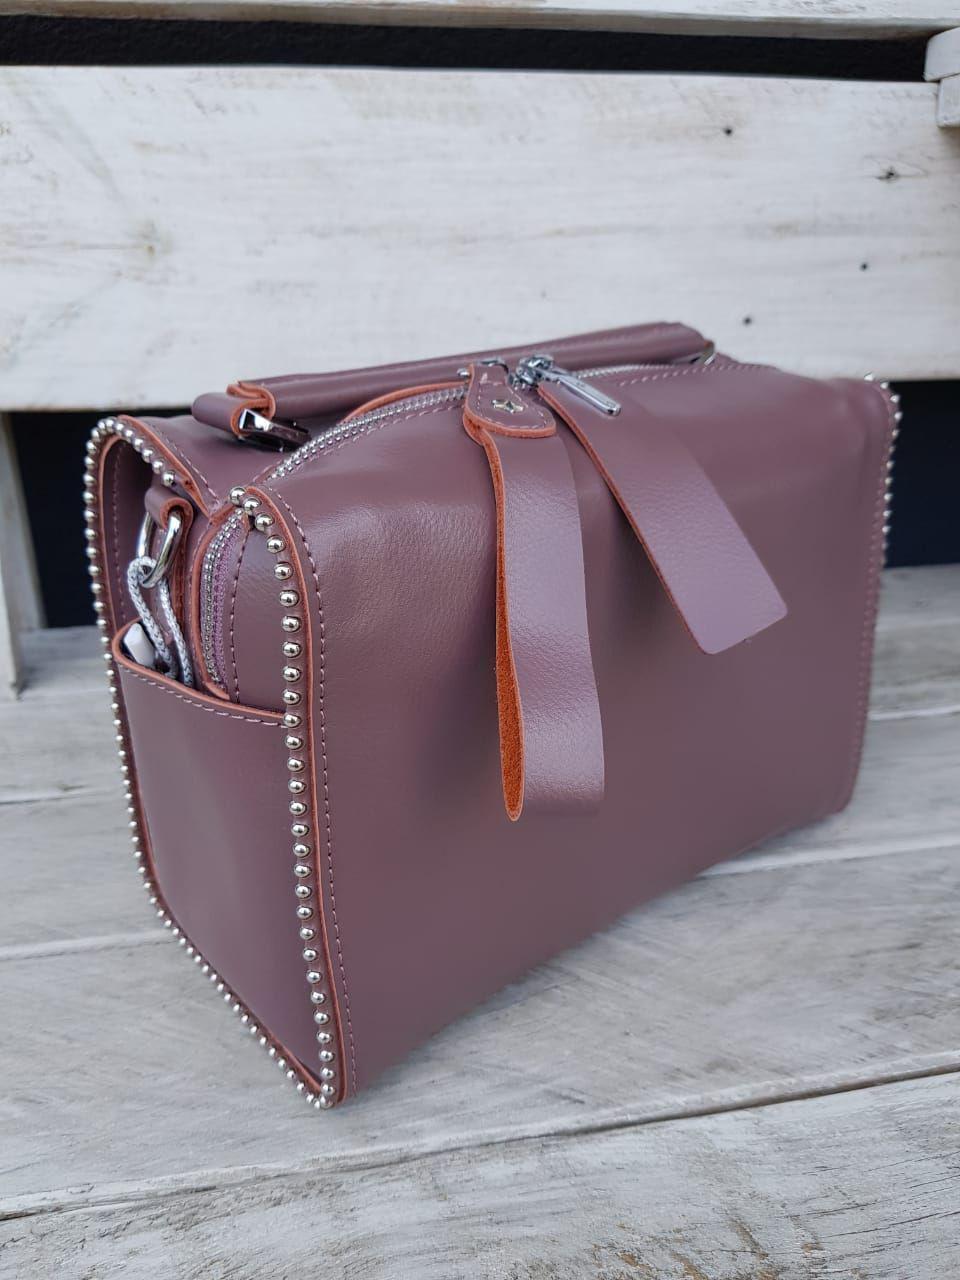 Кожаная женская сумка размером 25x14x14 см Молочная